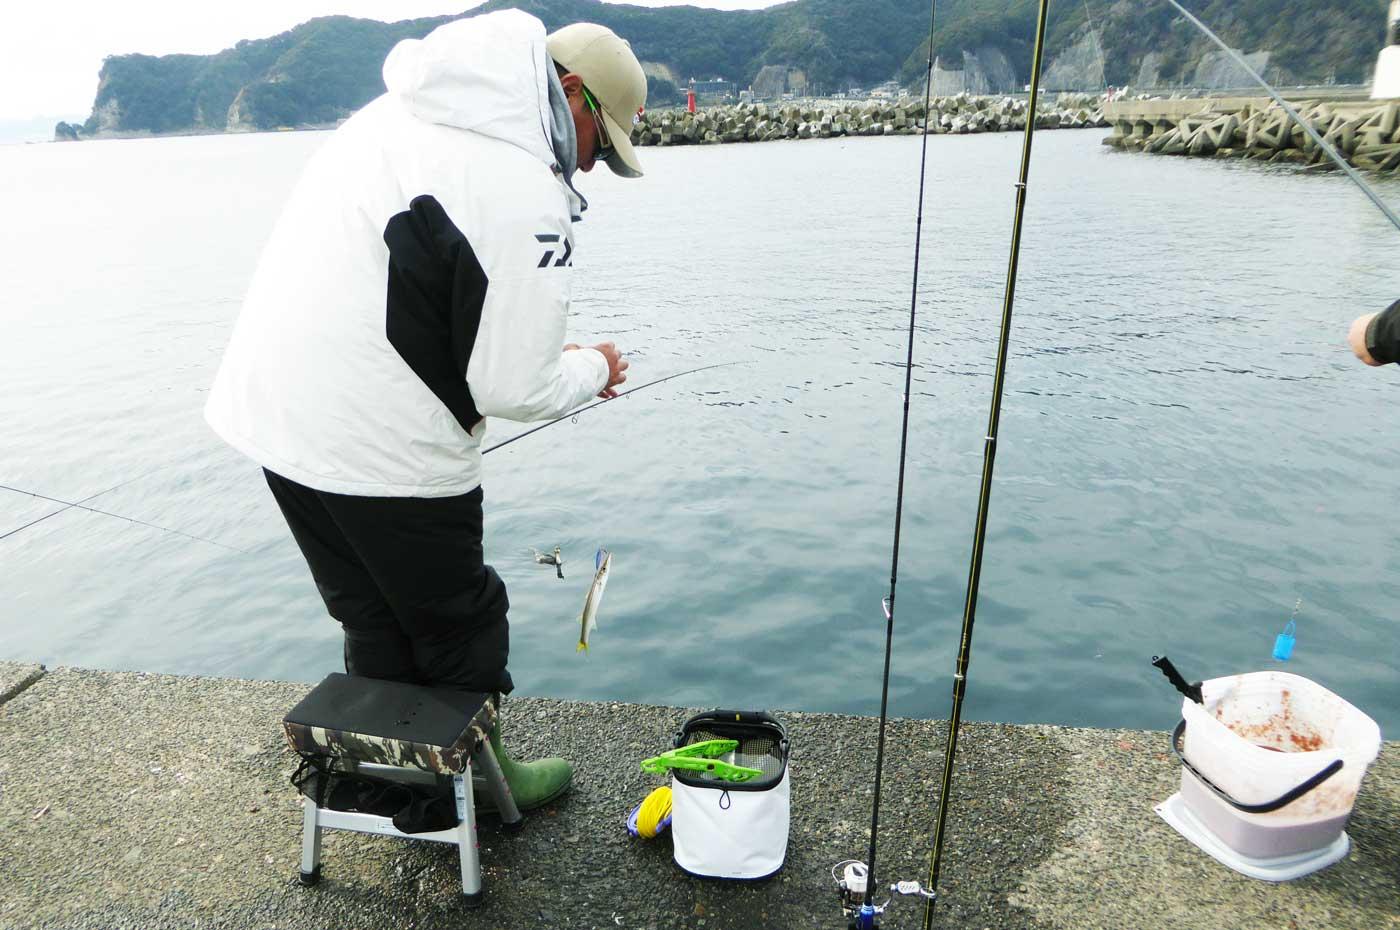 カマスを釣る釣り人の画像